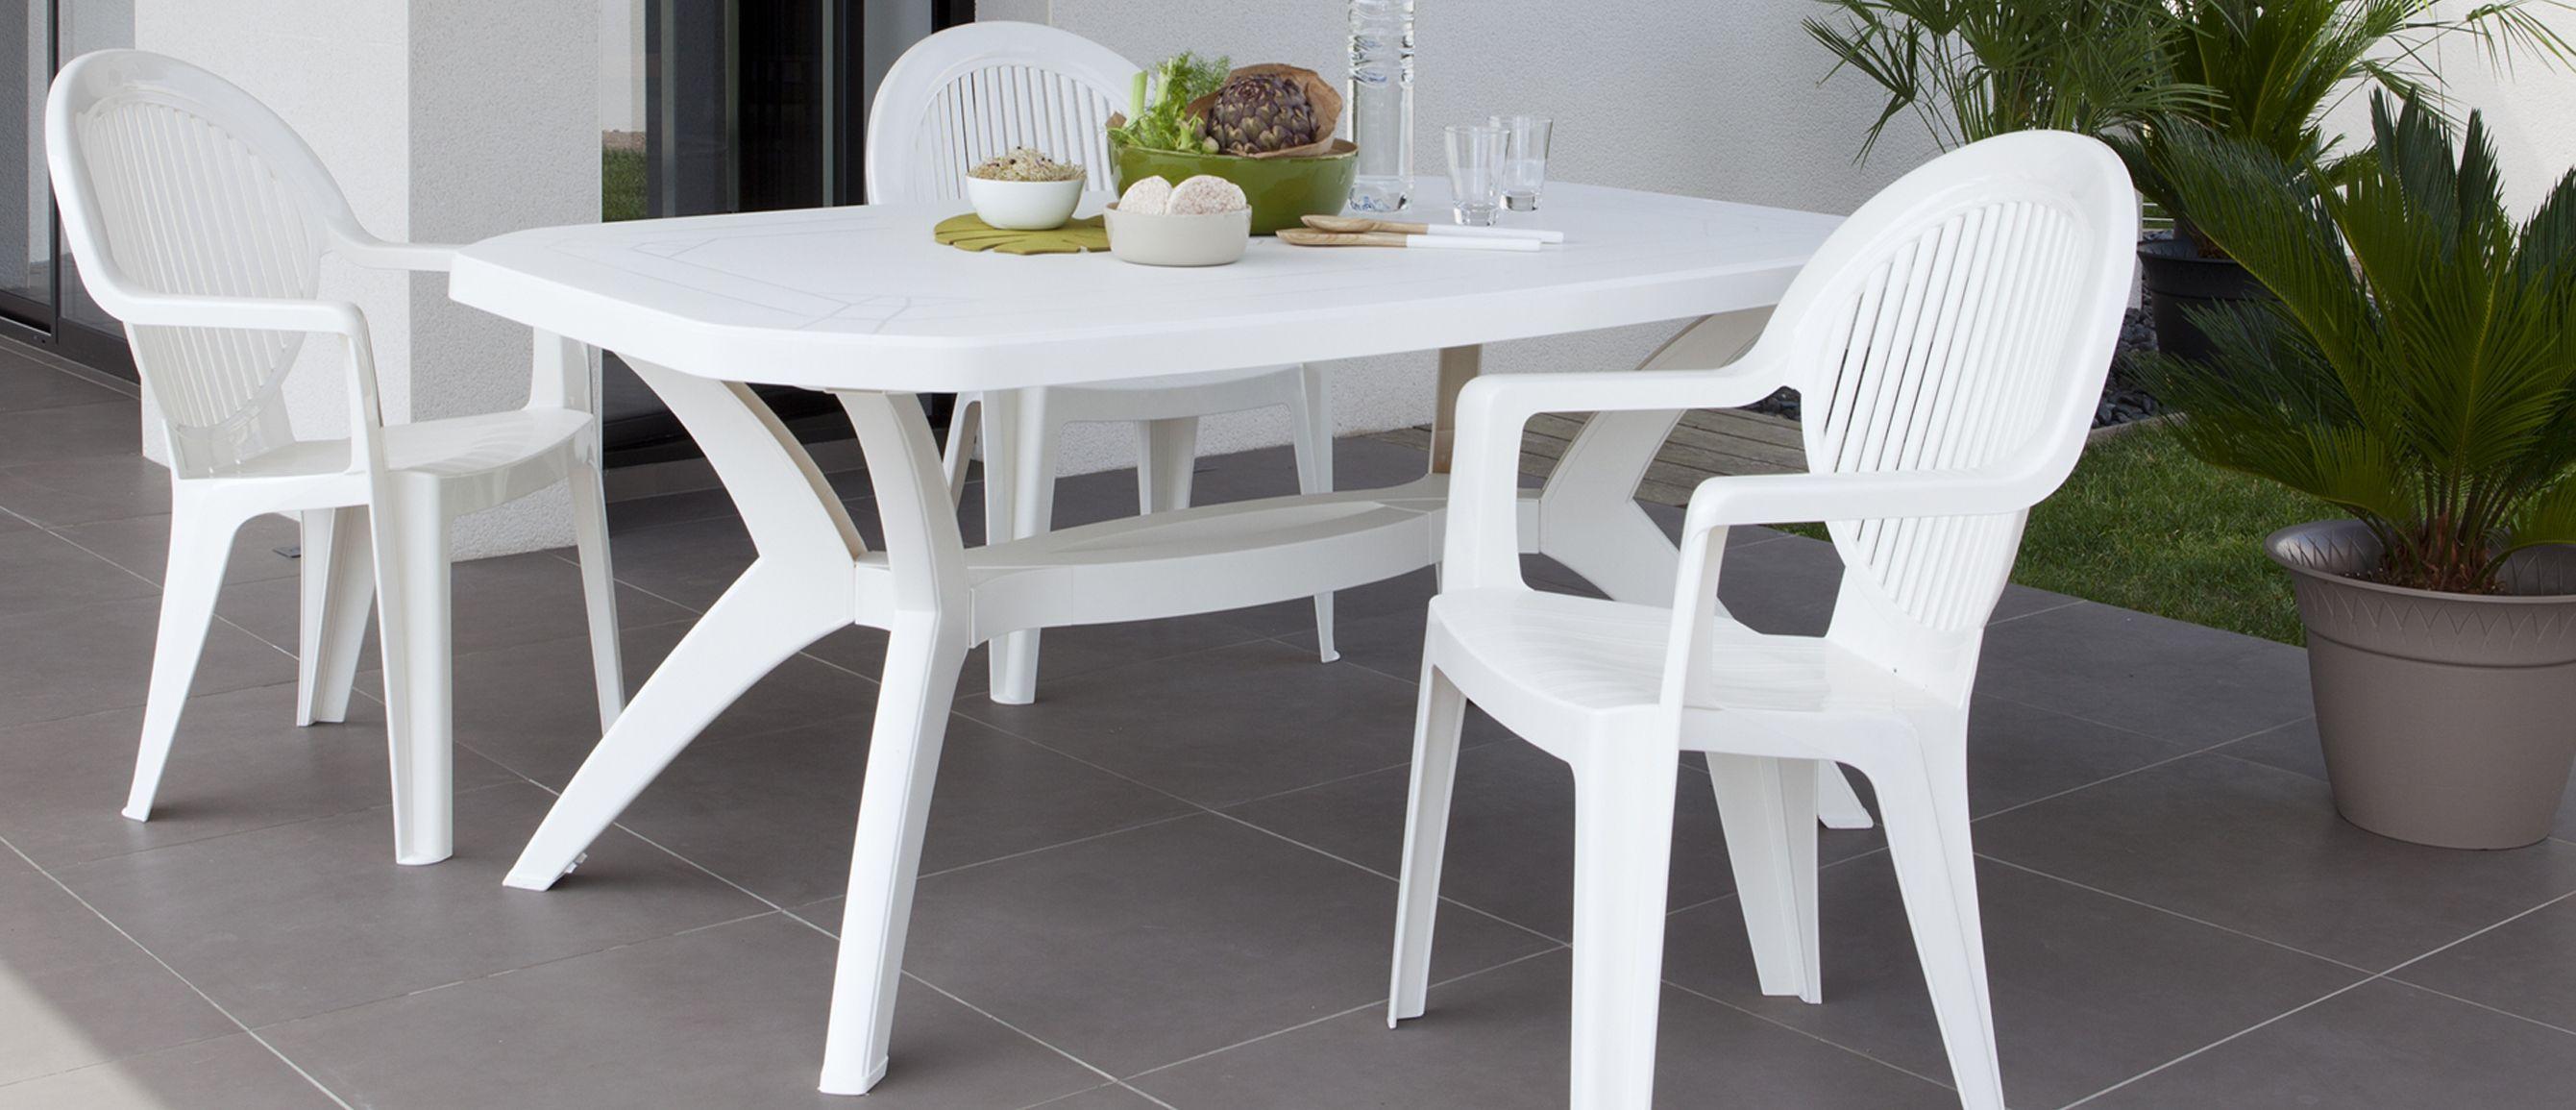 Comment De Abri Nettoyer Salon Jardin Blanc Plastique hrdCtQBsx